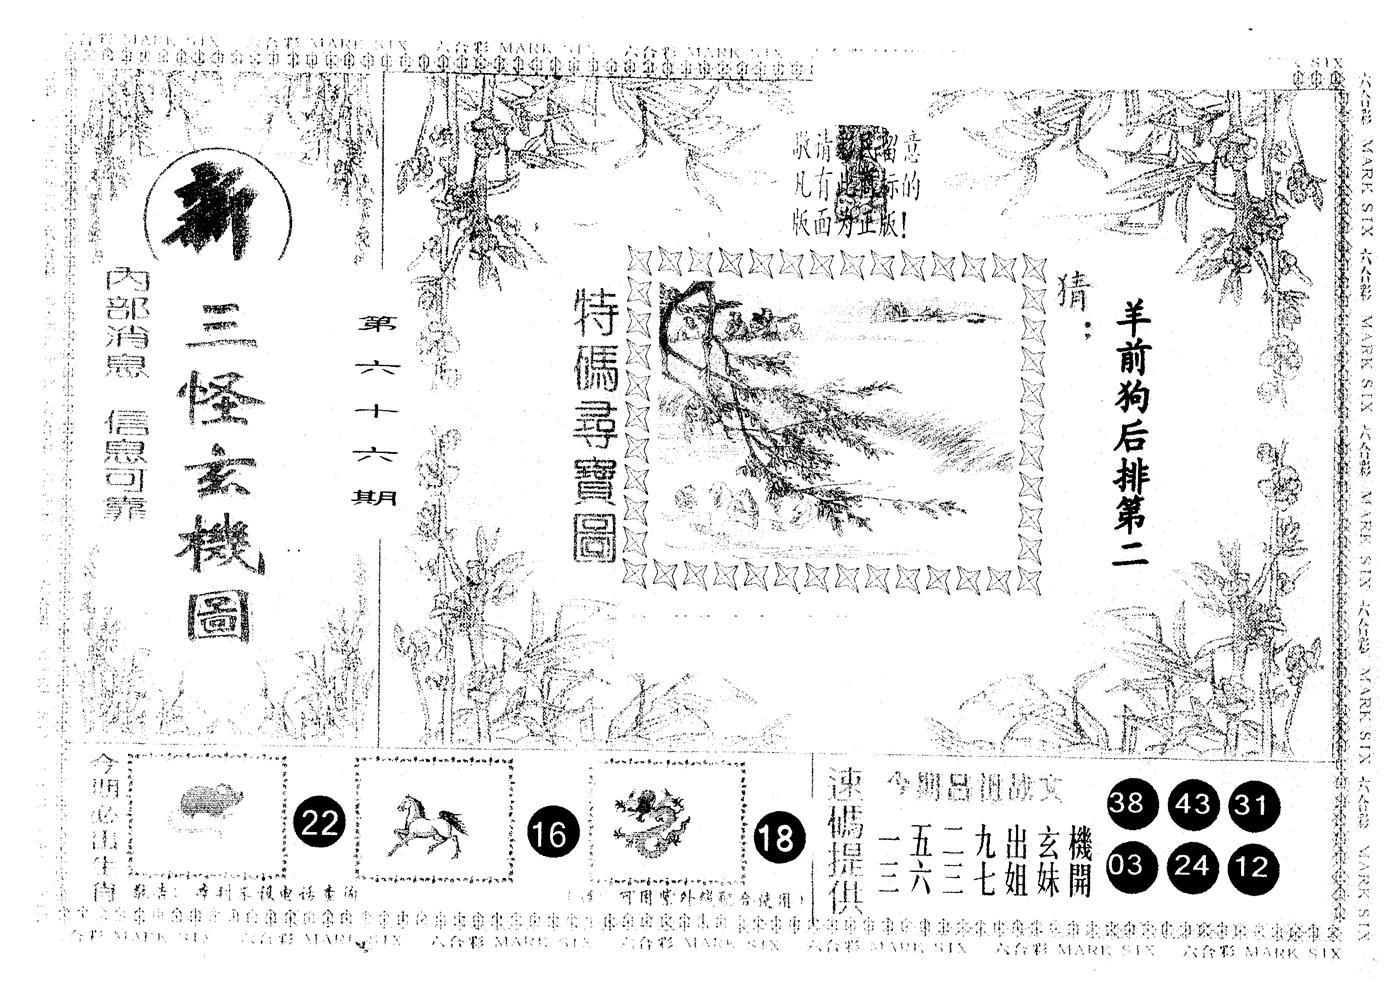 066期另版新三怪(黑白)